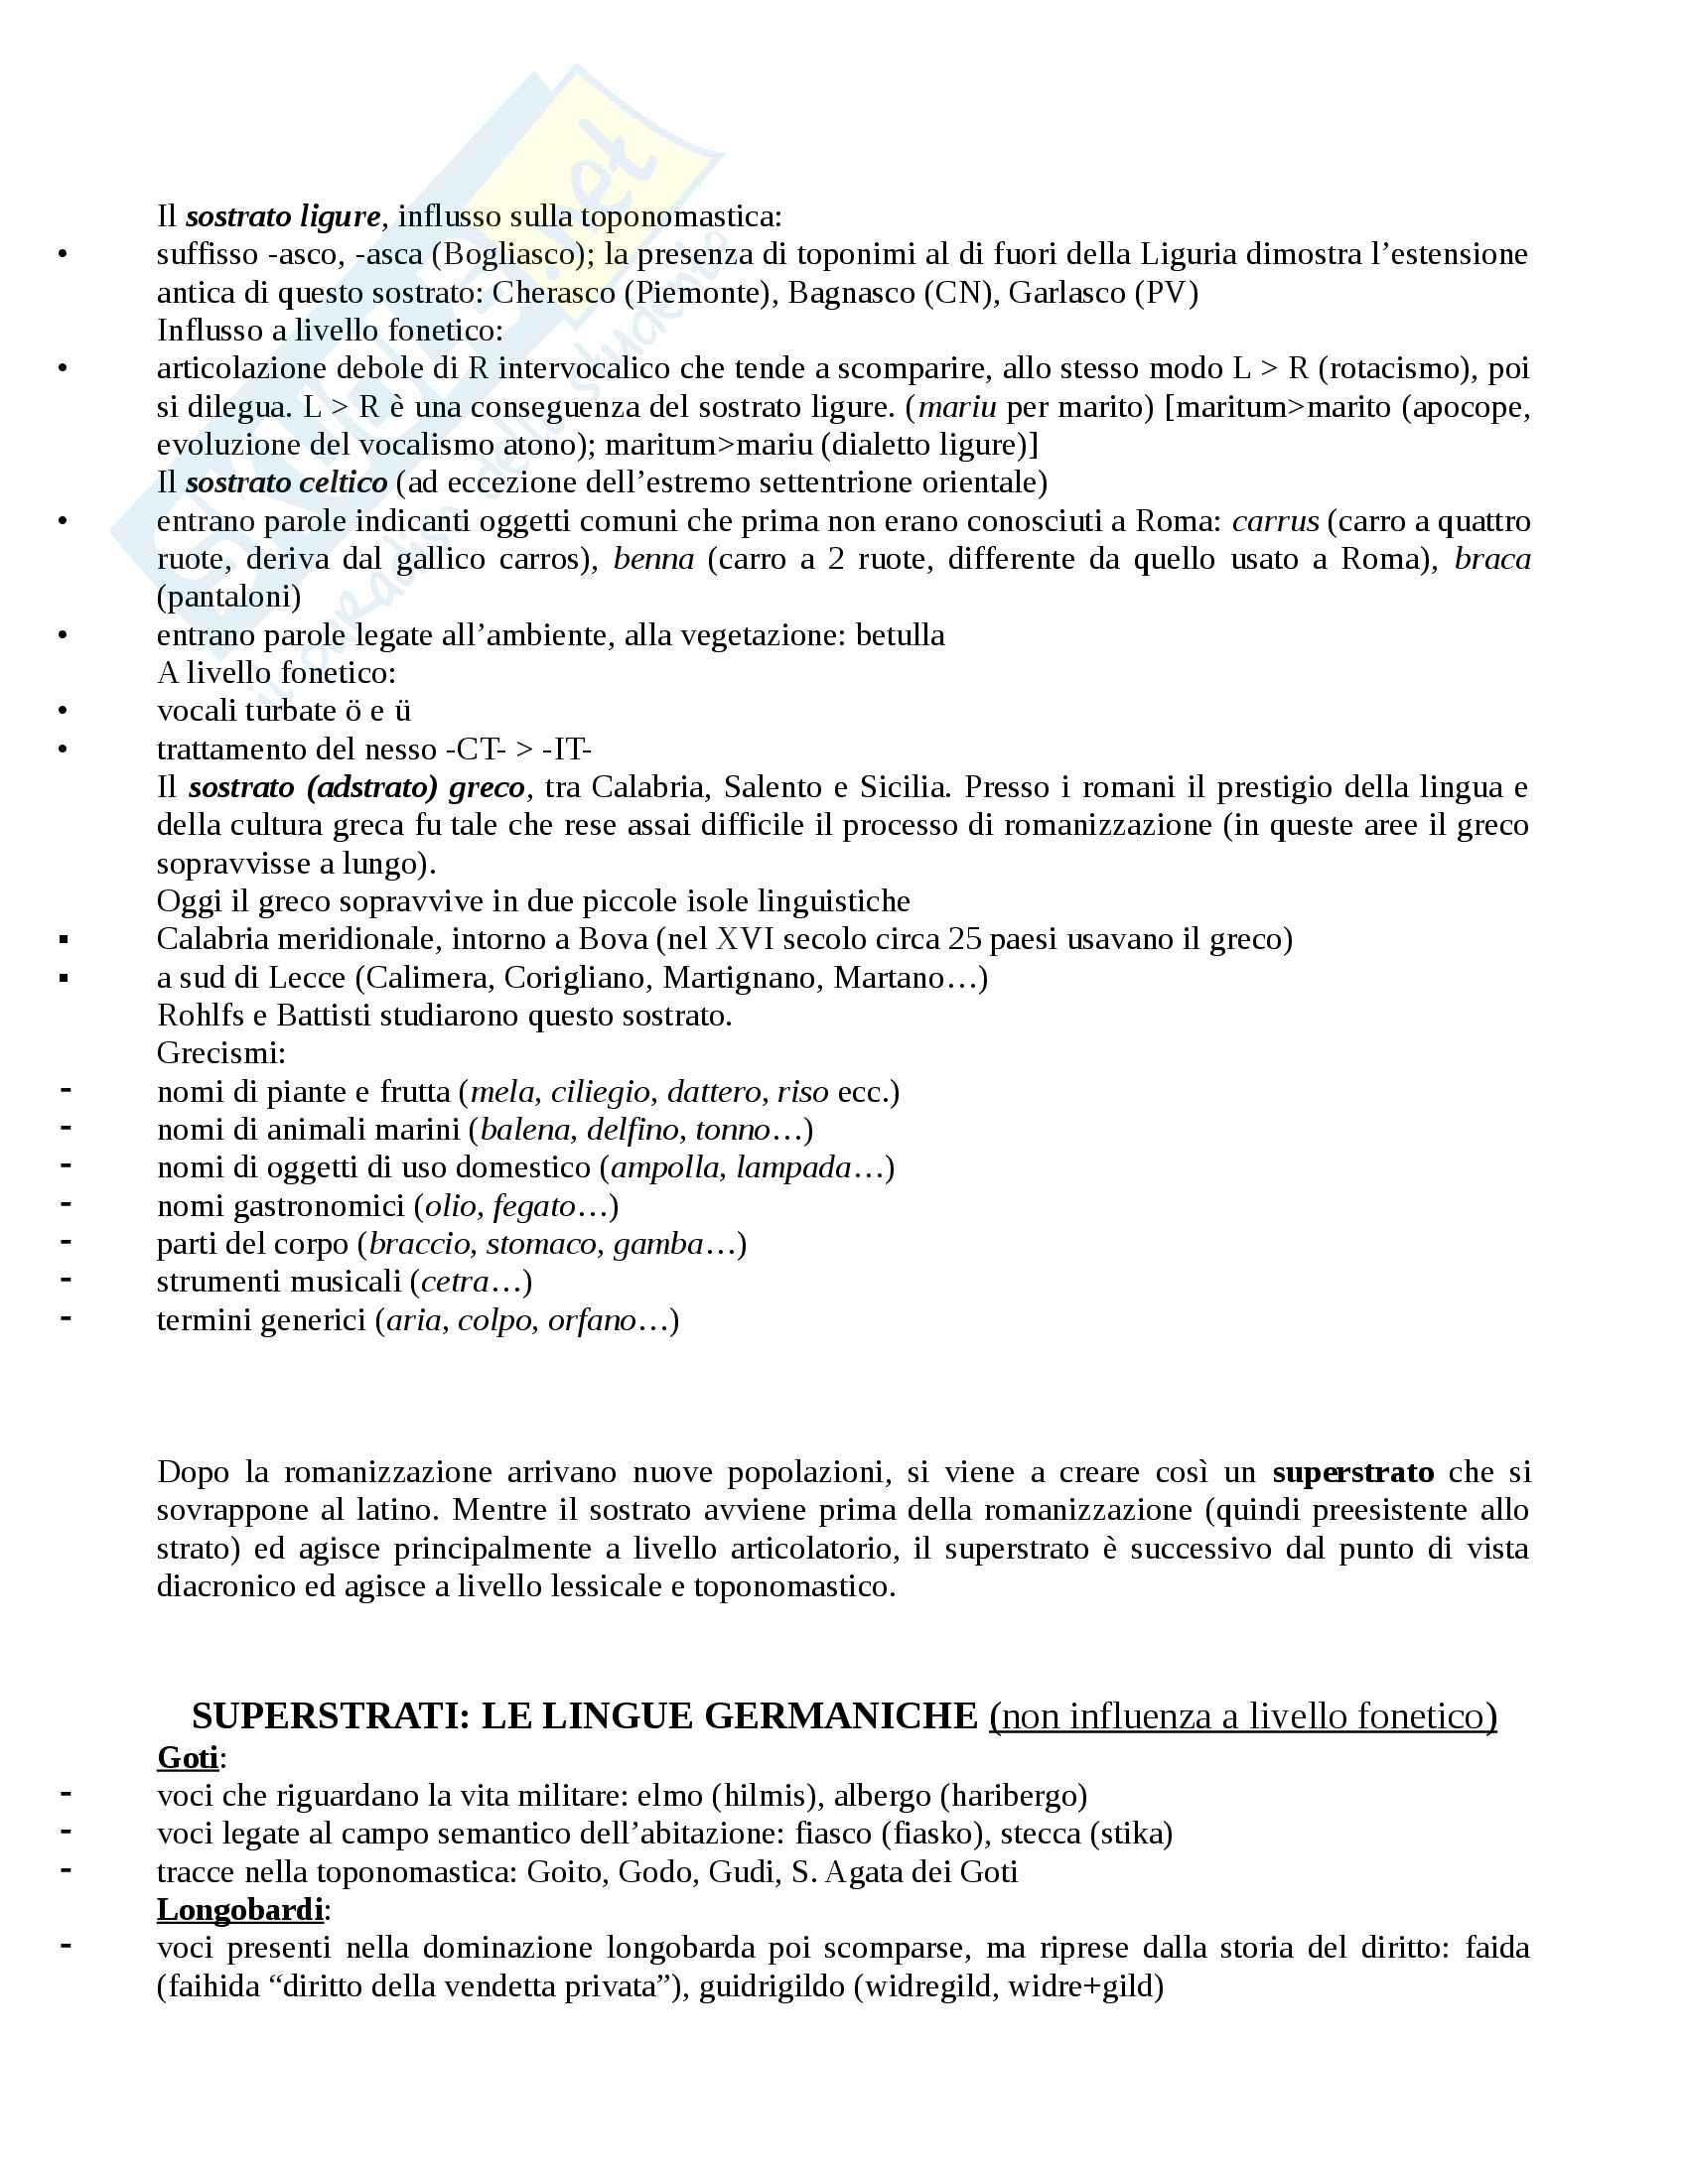 Appunti completi Linguistica Italiana - Prof. Cacia Pag. 6